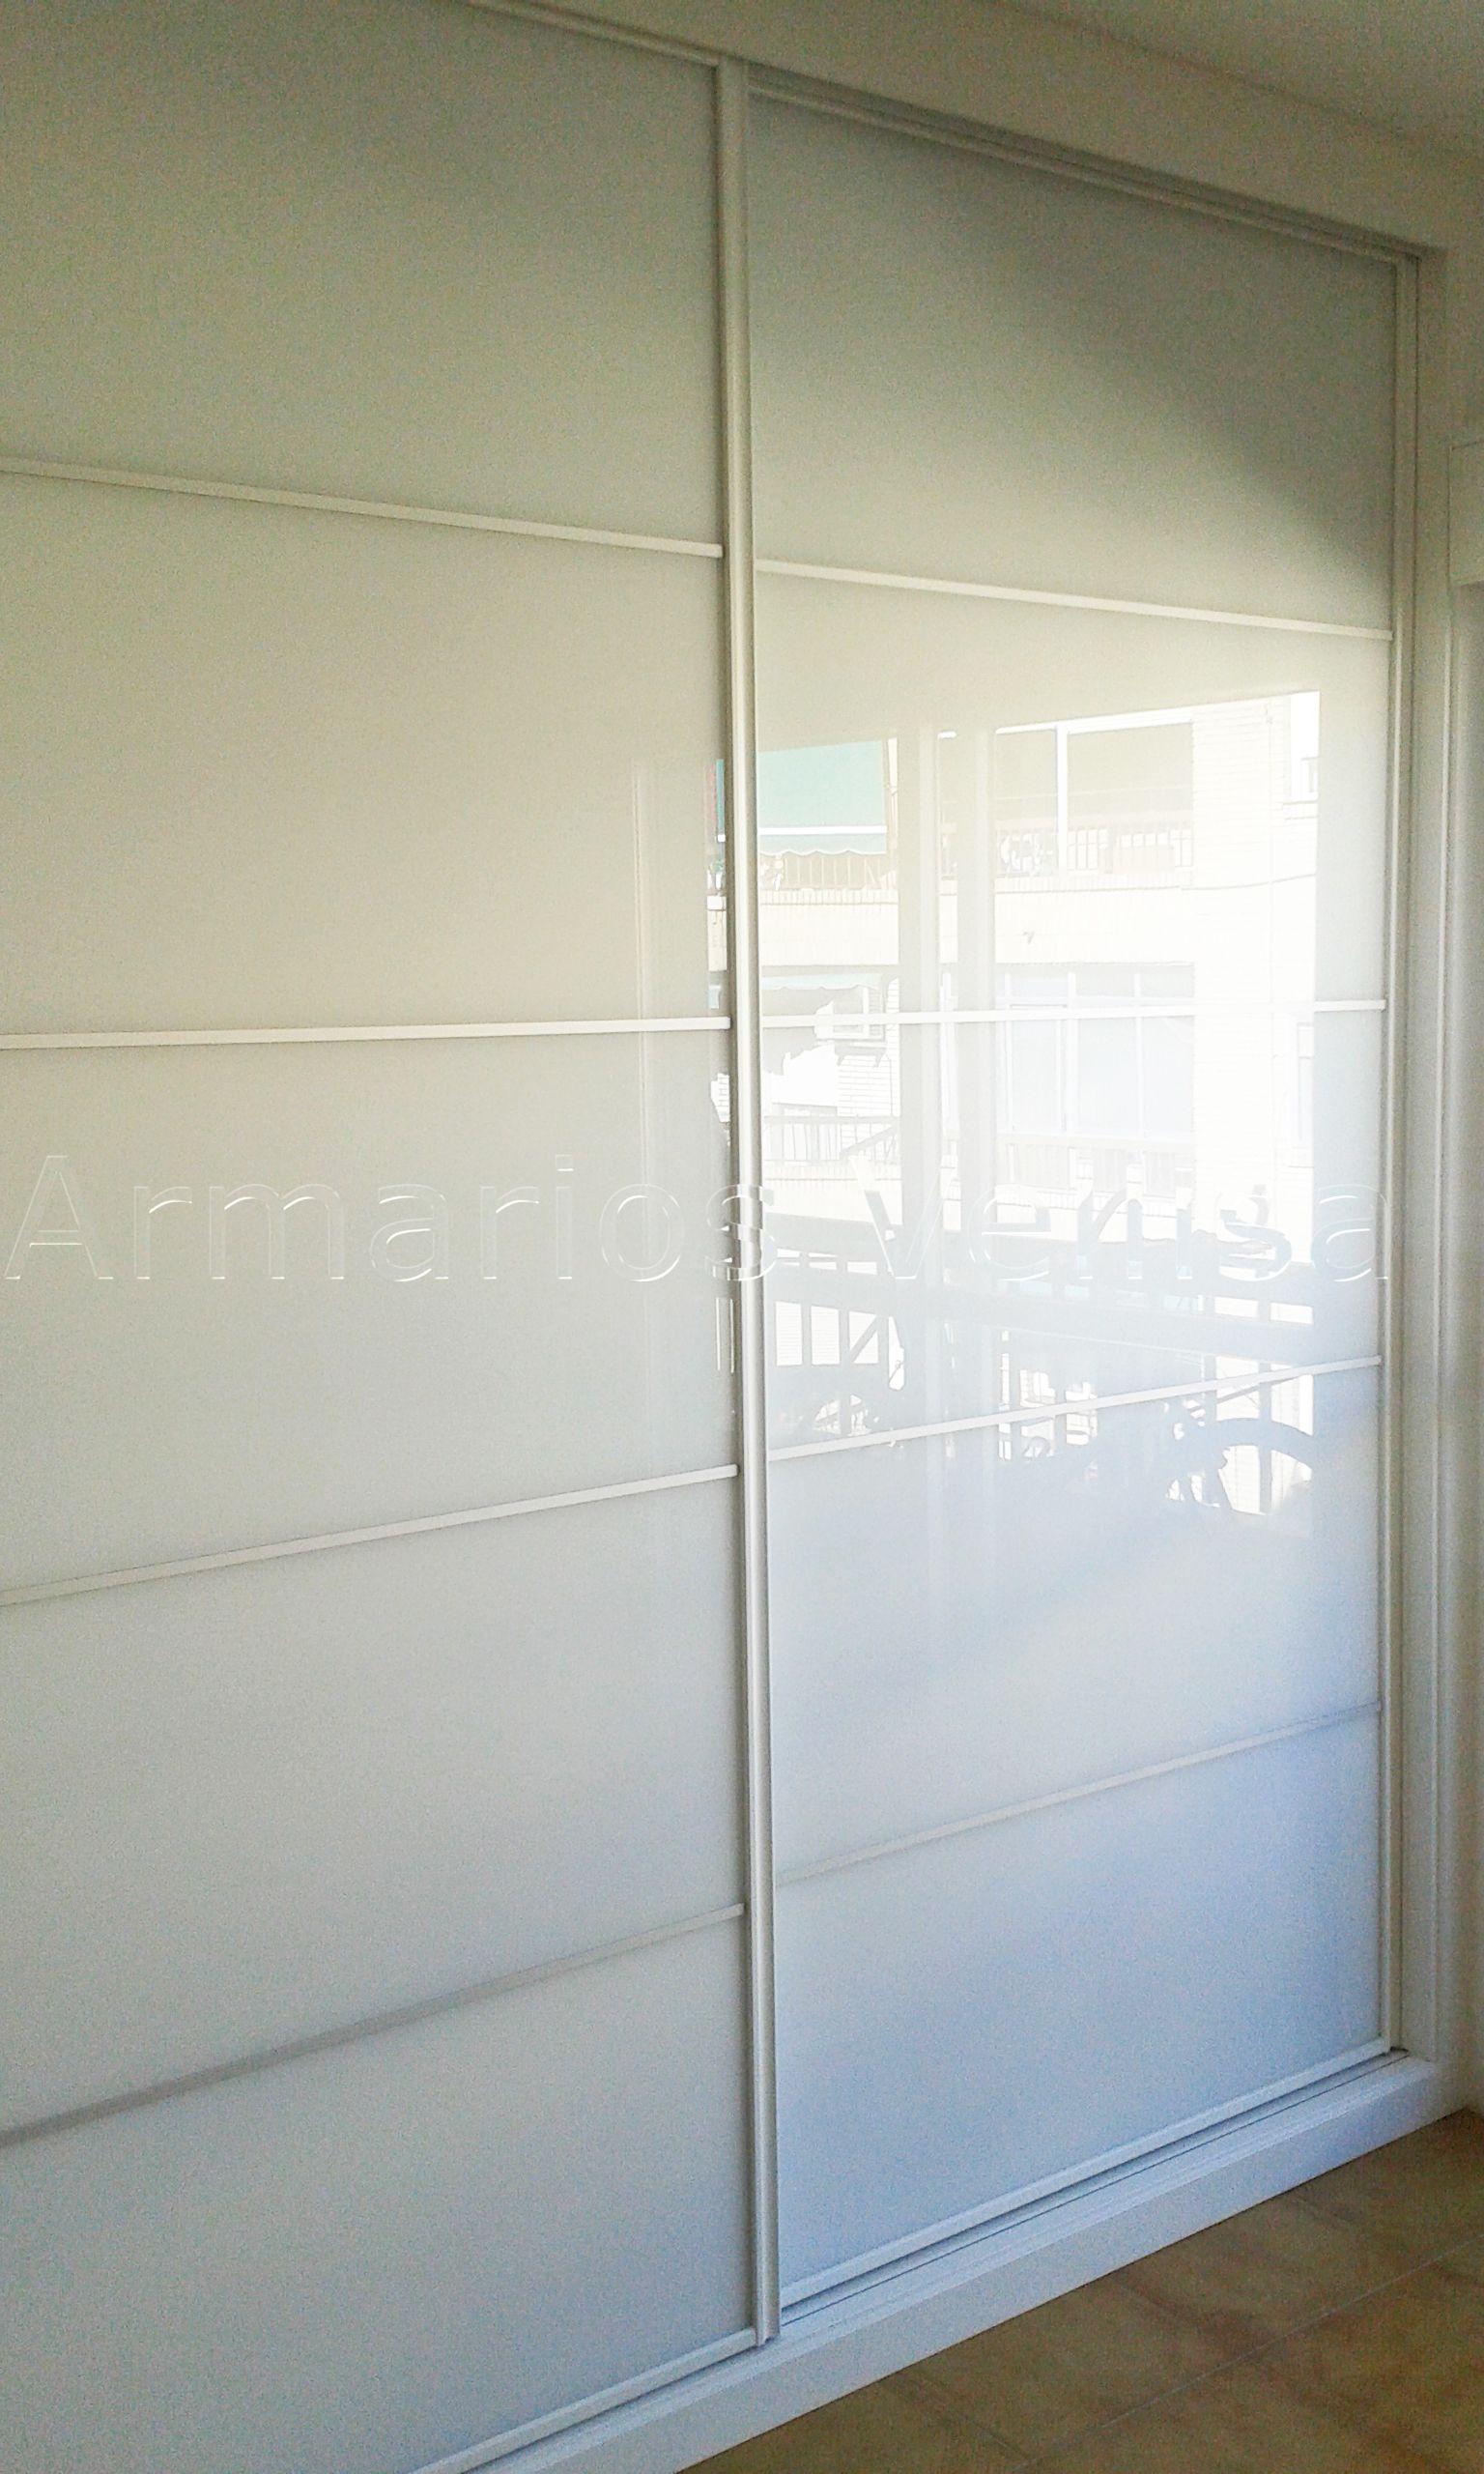 Aparador E Adega ~ Armario empotrado 248 X 238 X 65 2 puertas correderas Modelo Panel Japonés con cristal blanco